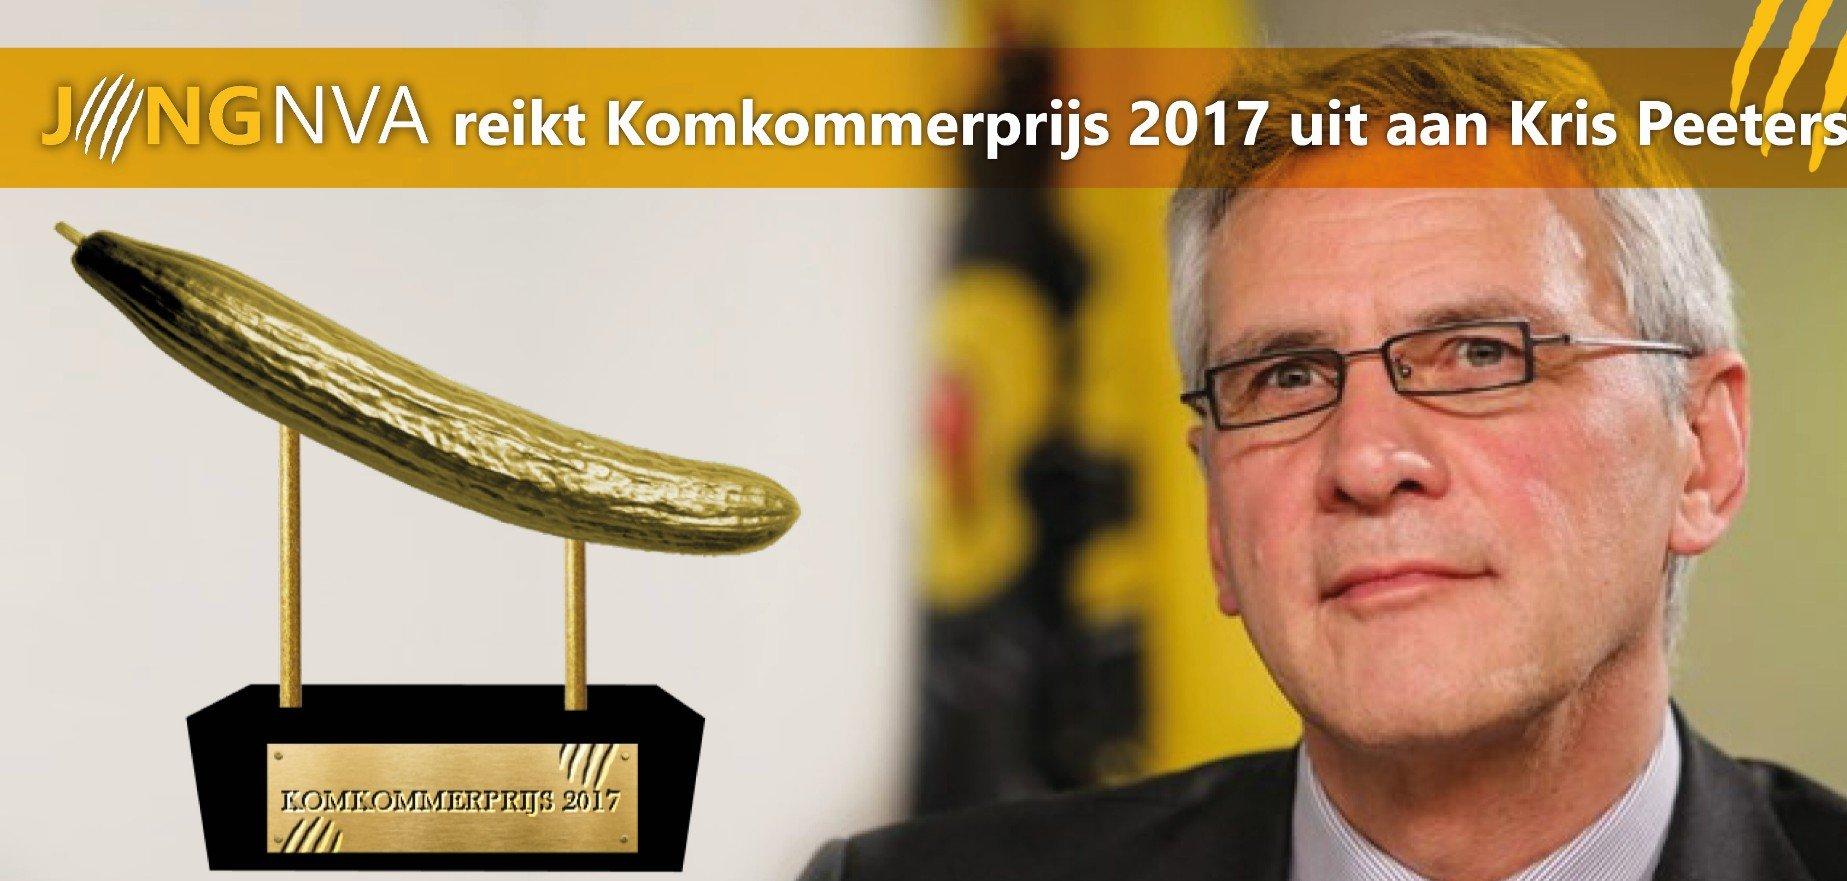 Jong N-VA reikt Komkommerprijs 2017 uit aan Kris Peeters - kris peeters